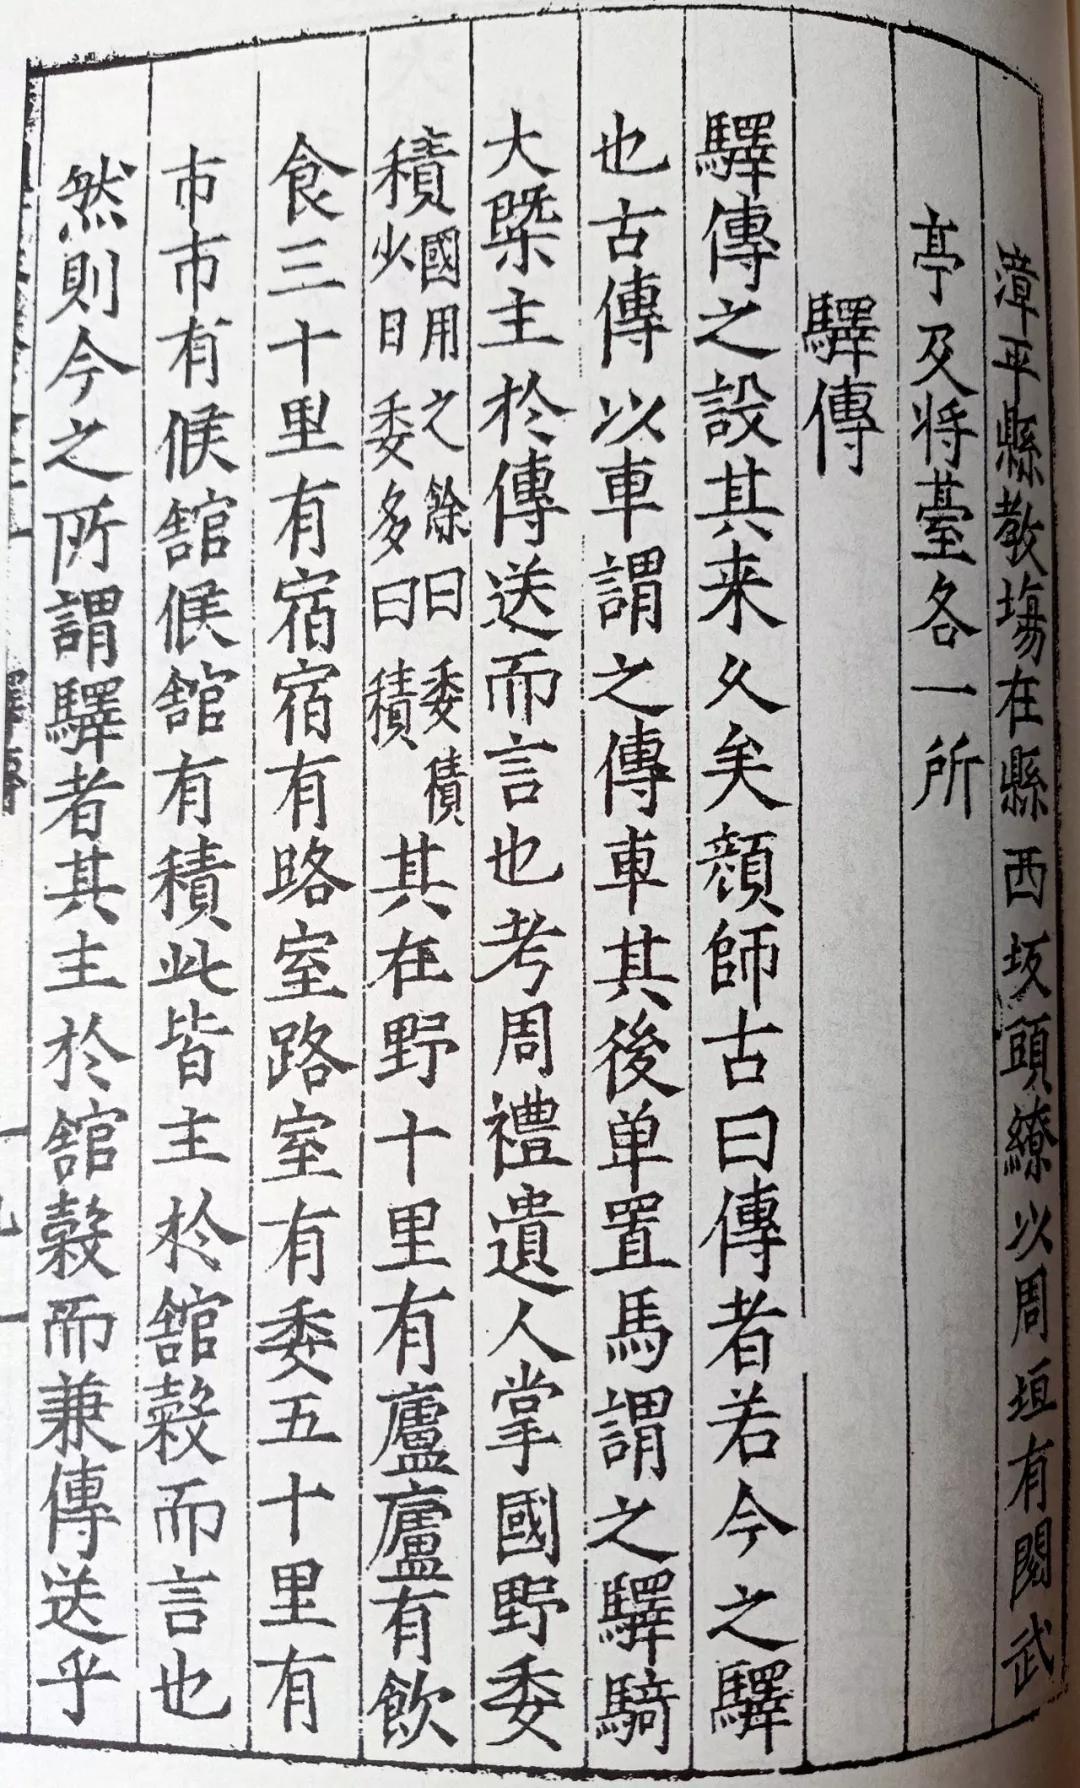 【清漳菁萃】第97期丨家乡的驿铺(一)